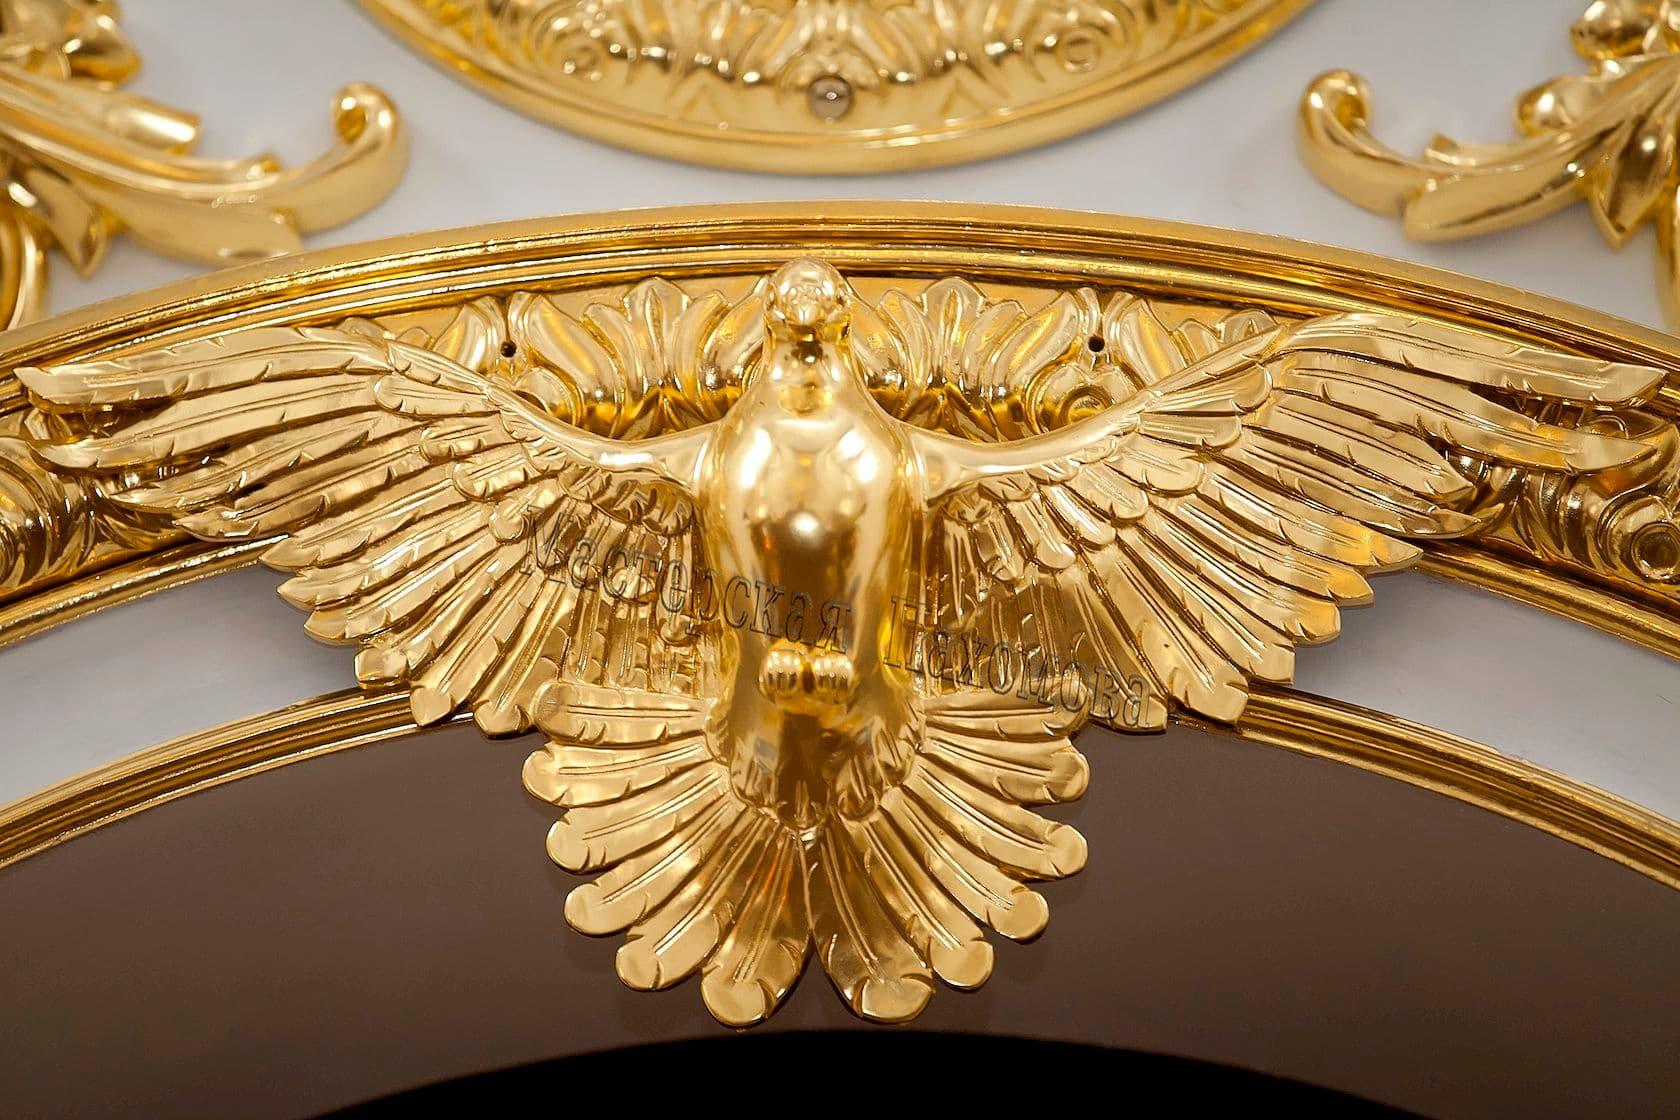 Голубь над царскими вратами, ручная резьба и полное покрытие золотом